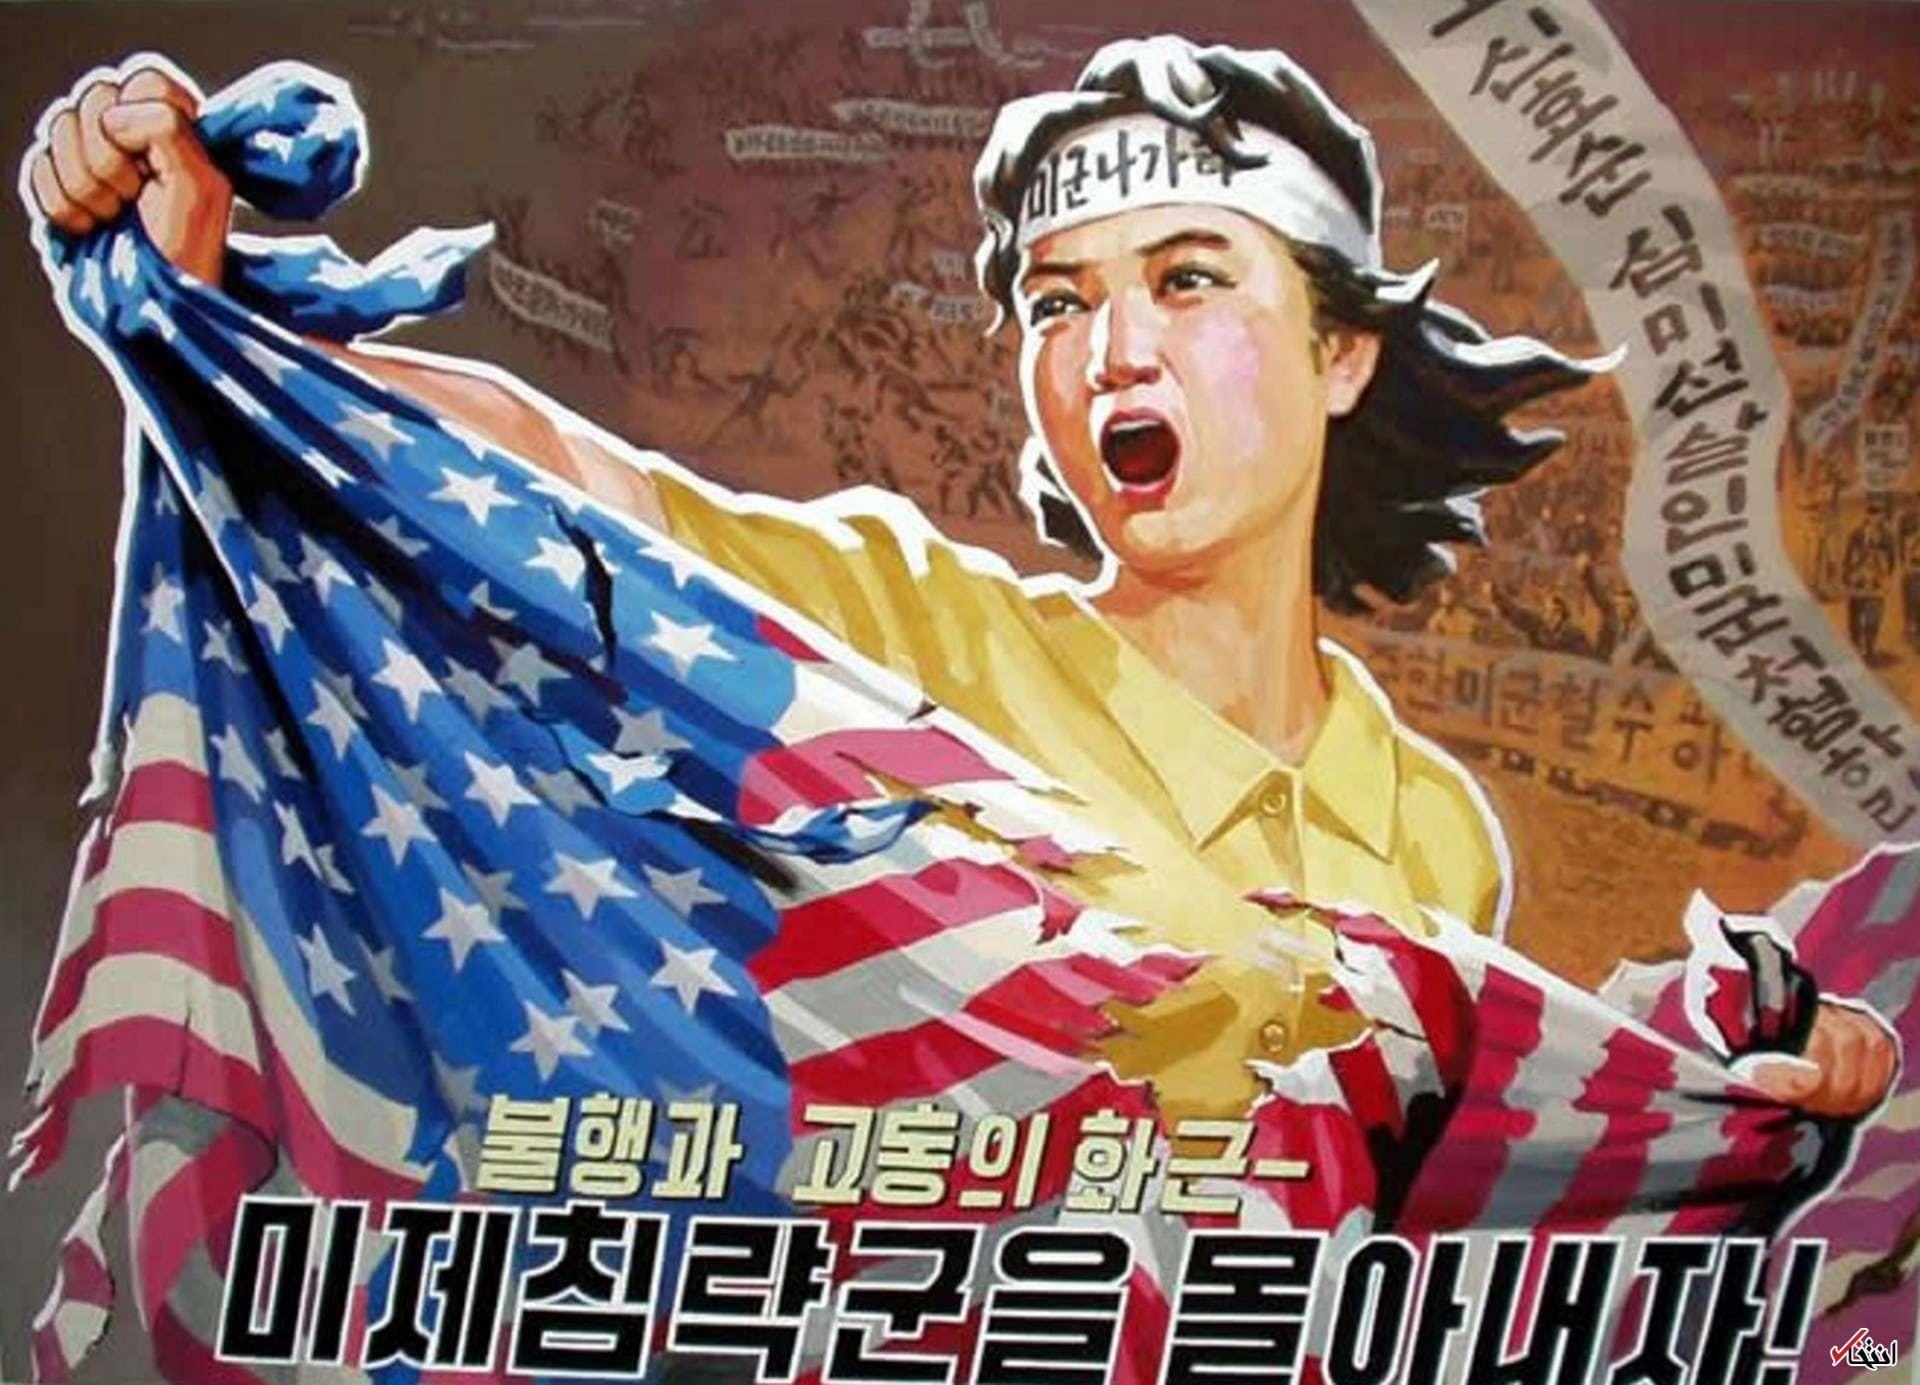 تصاویر | پوسترهای جنگ با آمریکا در کره شمالی